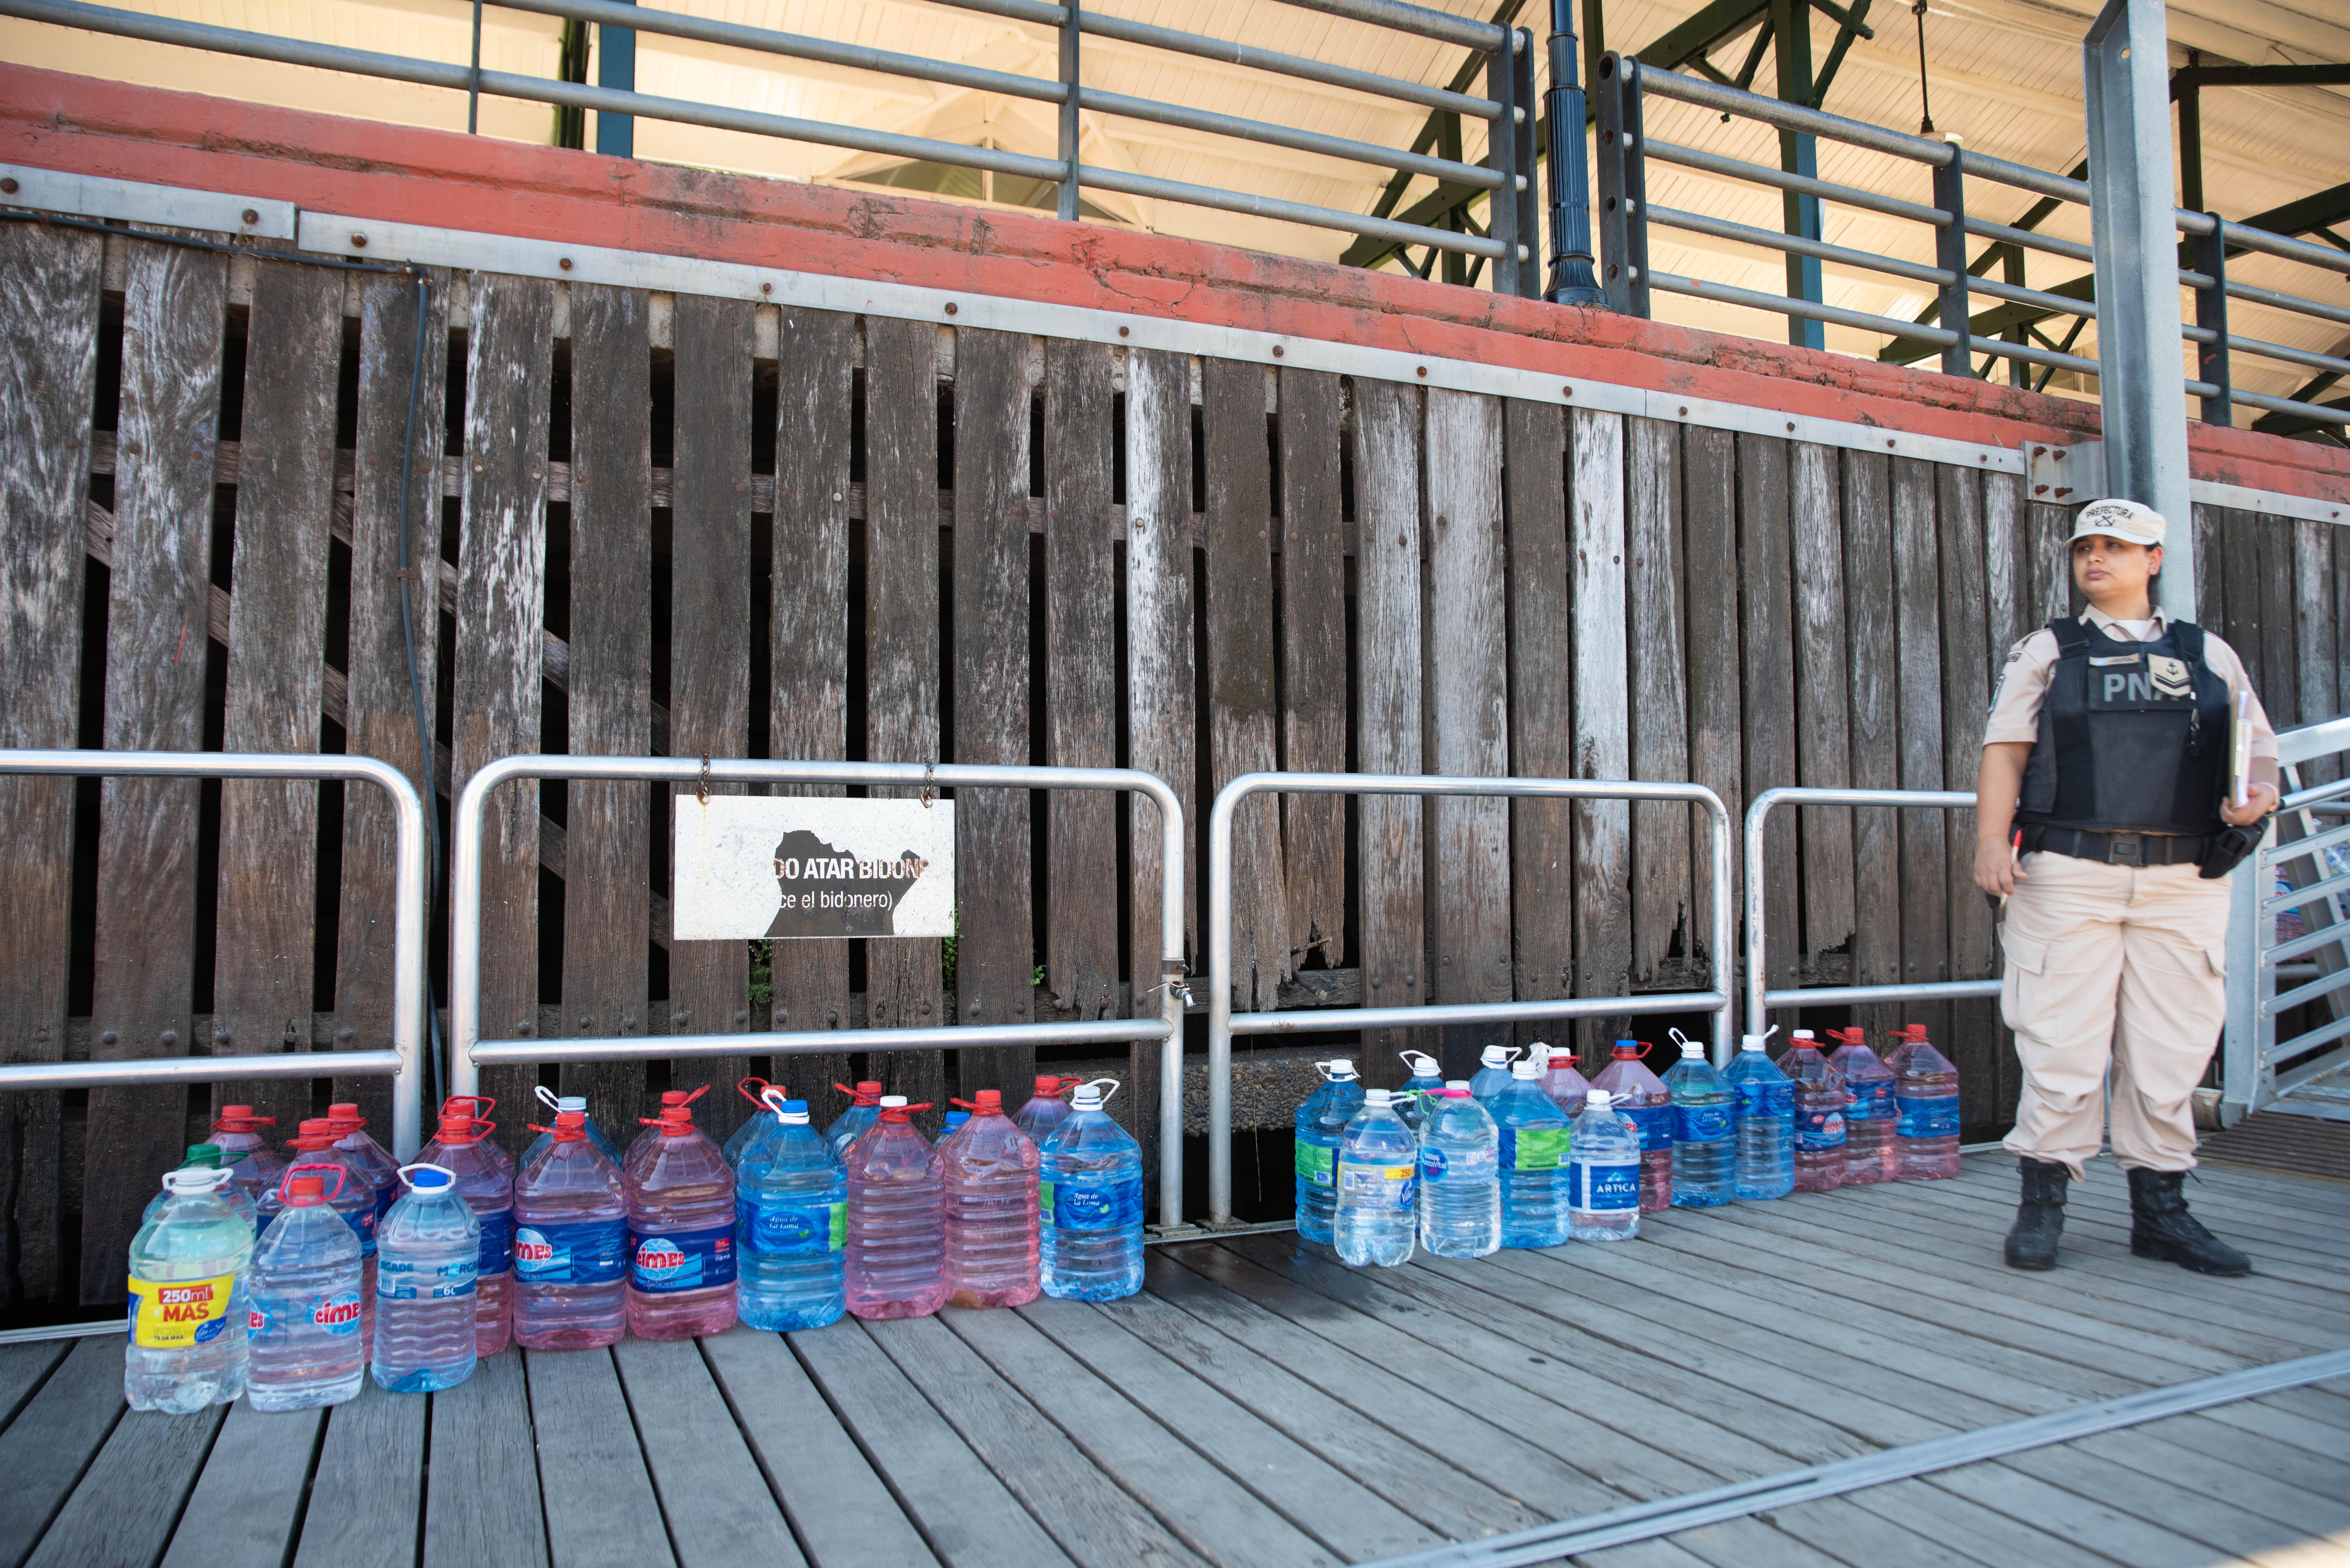 Efectivo de la Prefectura supervisando el cargamento de los kits en las lanchas antes de partir del puerto de Tigre. (Foto: Franco Fafasuli)